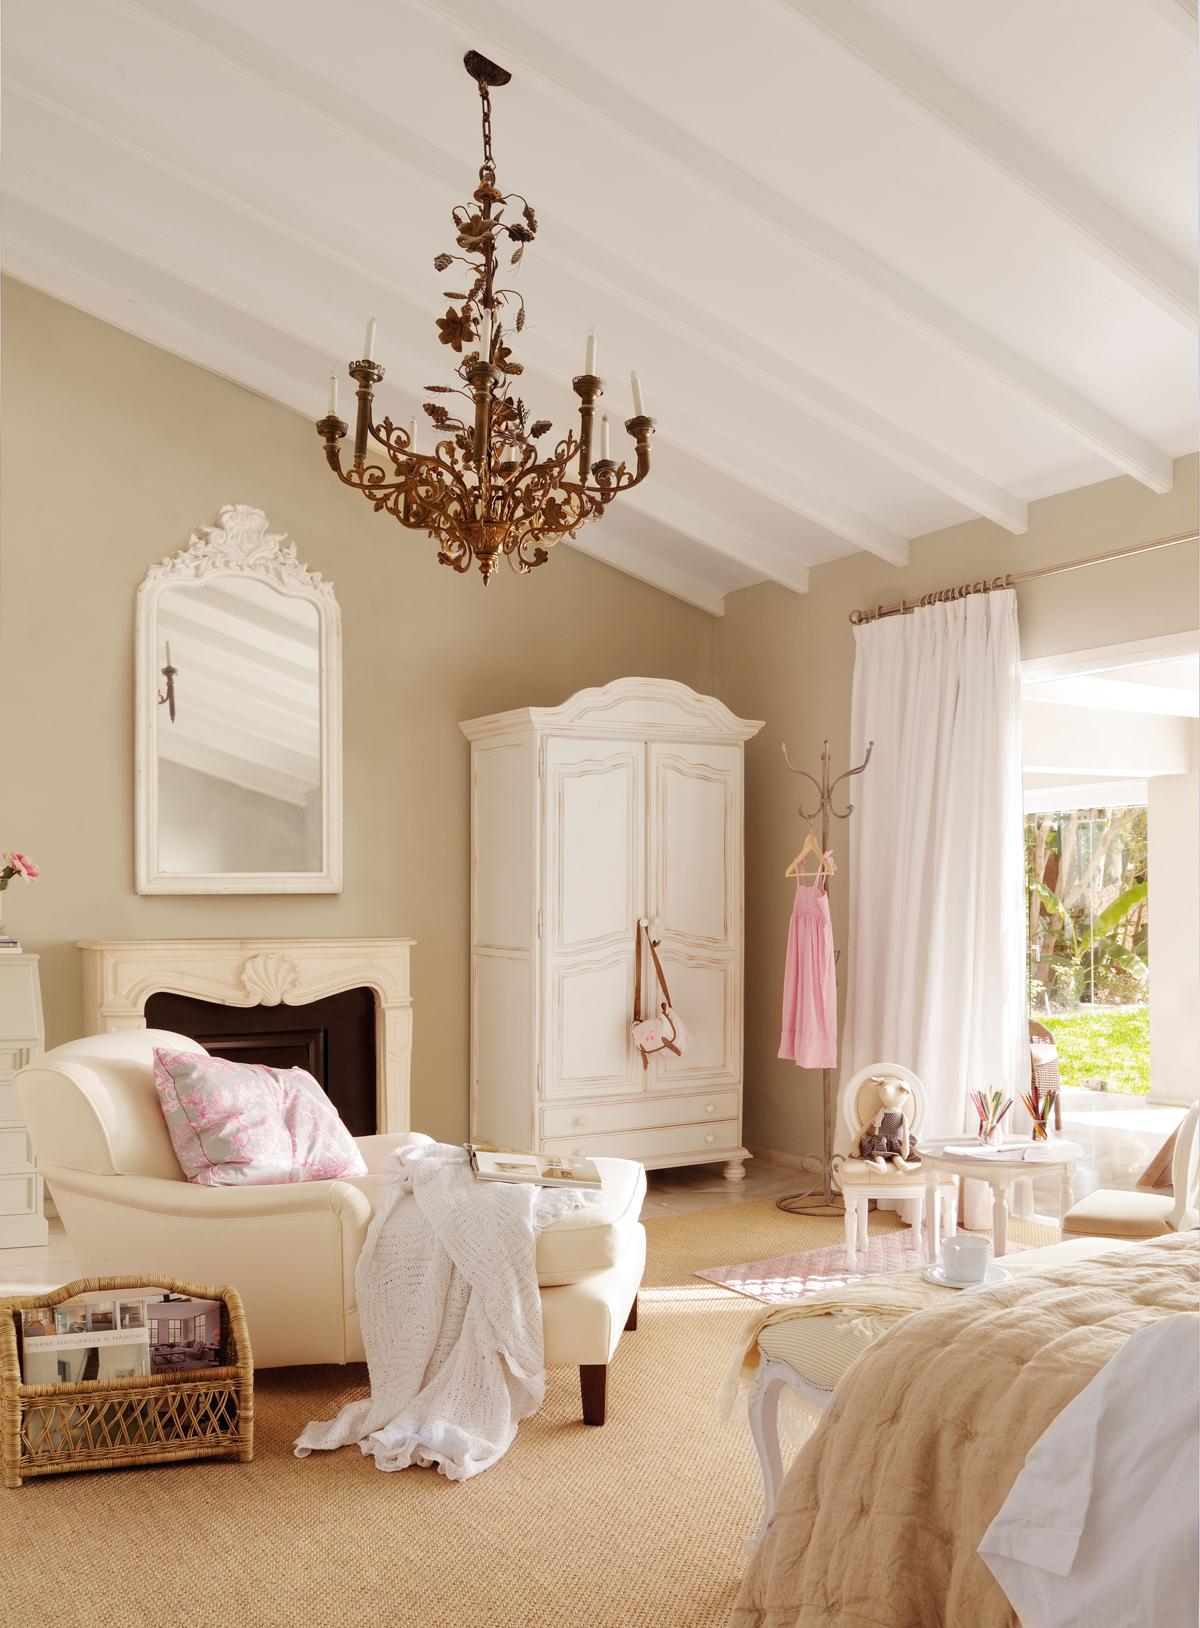 Artesanato Em Tecido ~ Muebles pintados gana vida y color